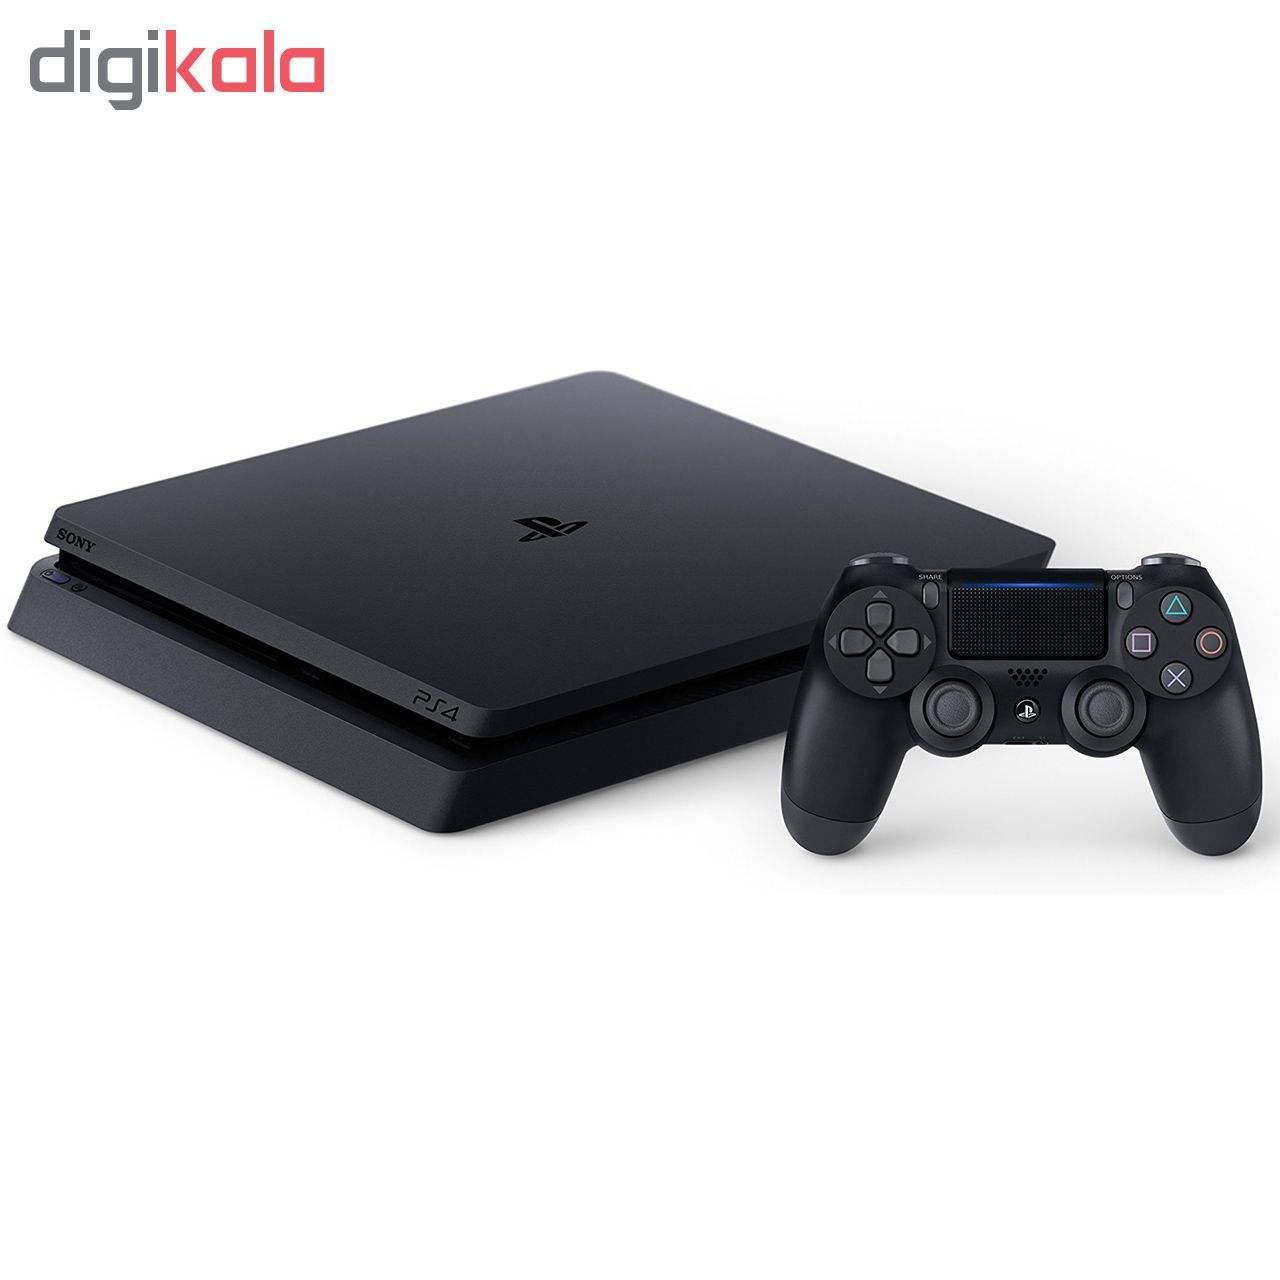 کنسول بازی سونی مدل Playstation 4 Slim کد Region 2 CUH-2216A ظرفیت 500 گیگابایت main 1 2